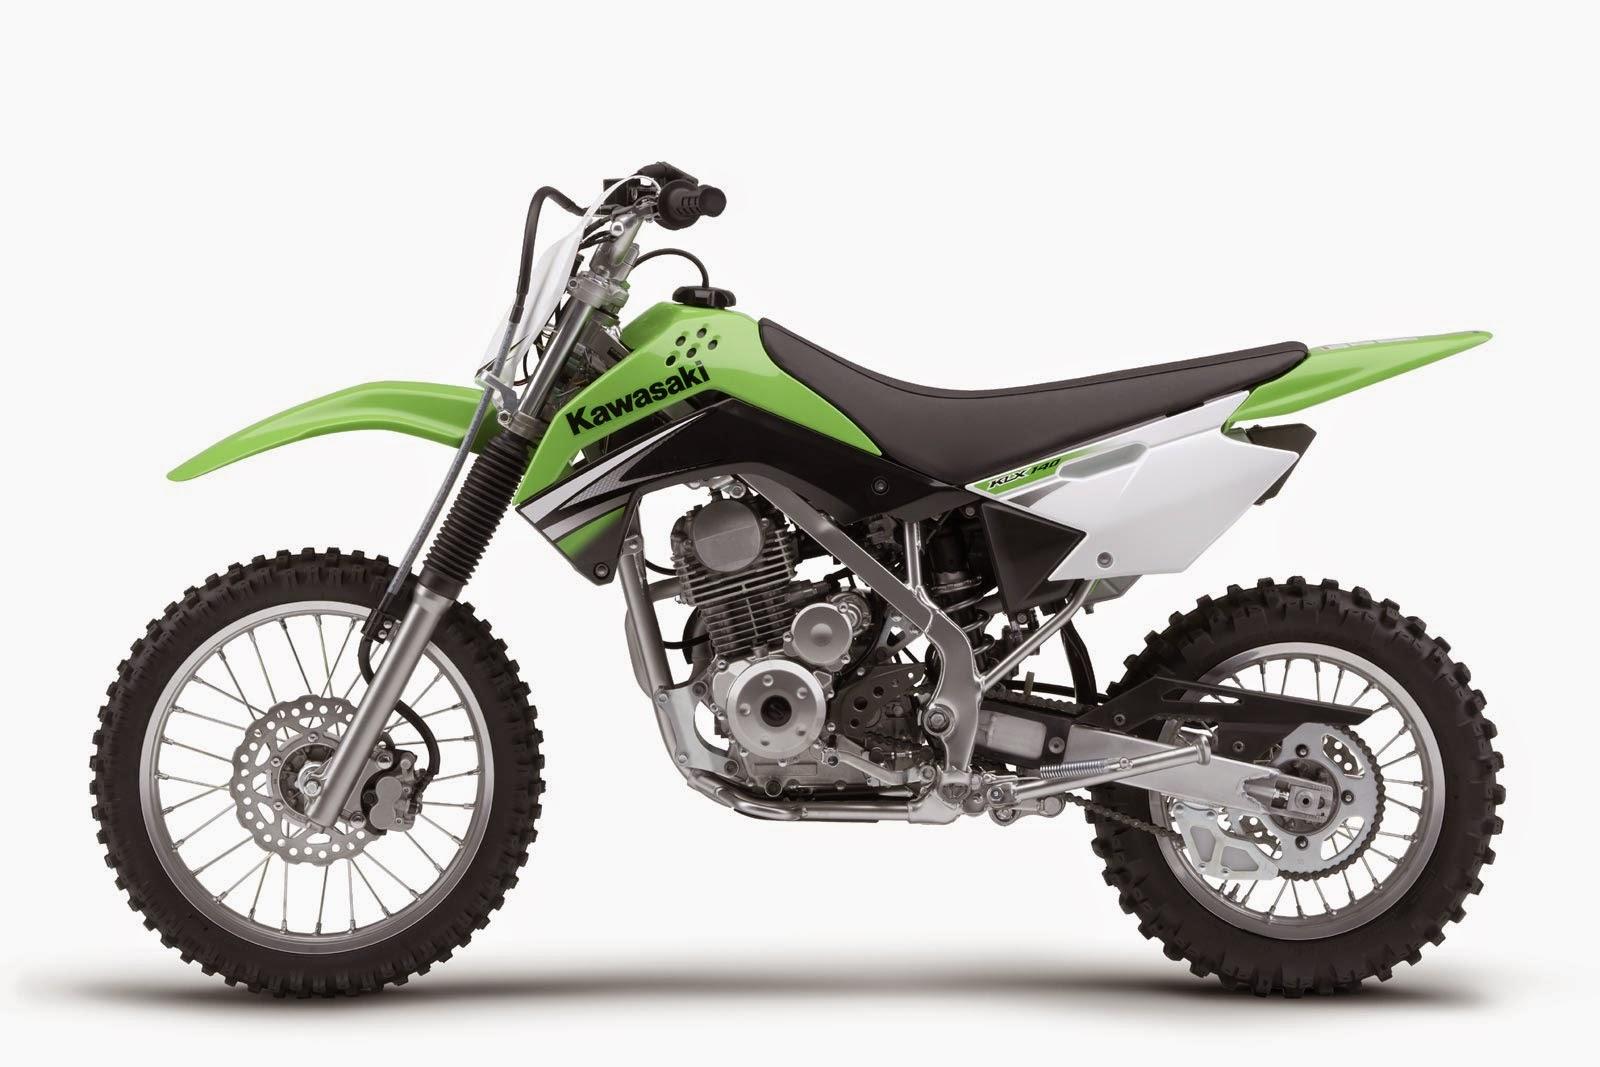 Kawasaki-Klx-D-Tracker-150-Modifikasi-kawasaki-klx-150-modif-2152-aa ...